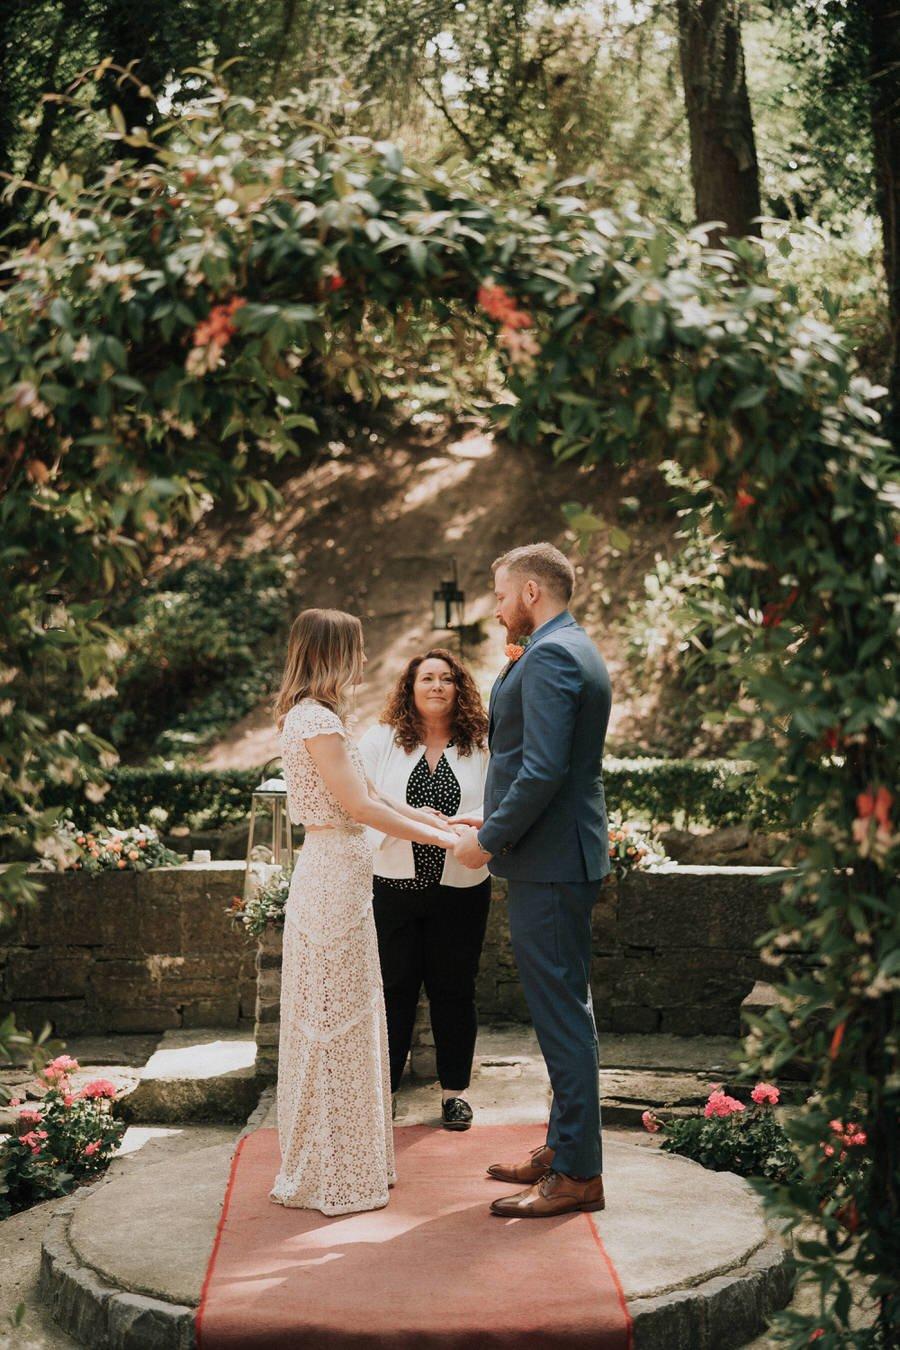 The-Station-House-wedding-Dublin-photographer- 0077 75